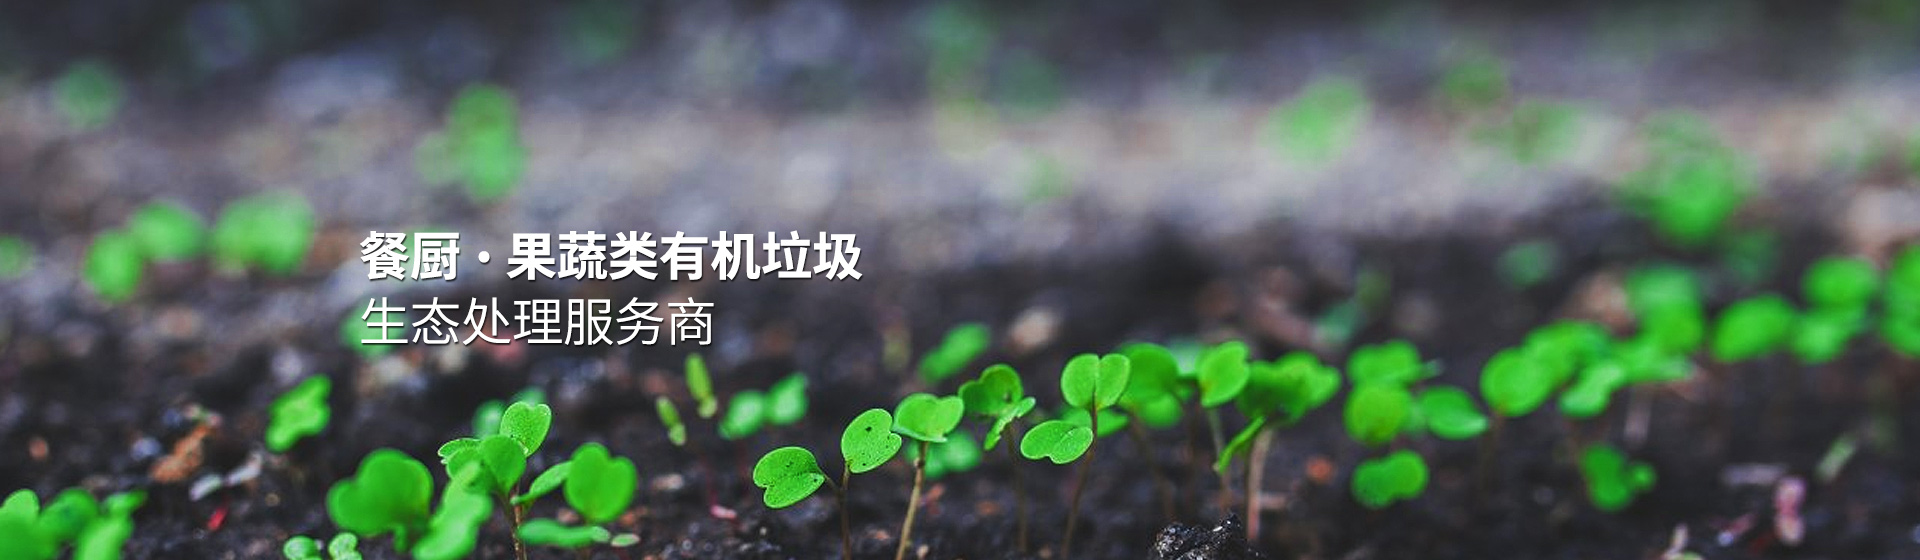 餐厨·果蔬类有机垃圾生态处理服务商-江苏信达